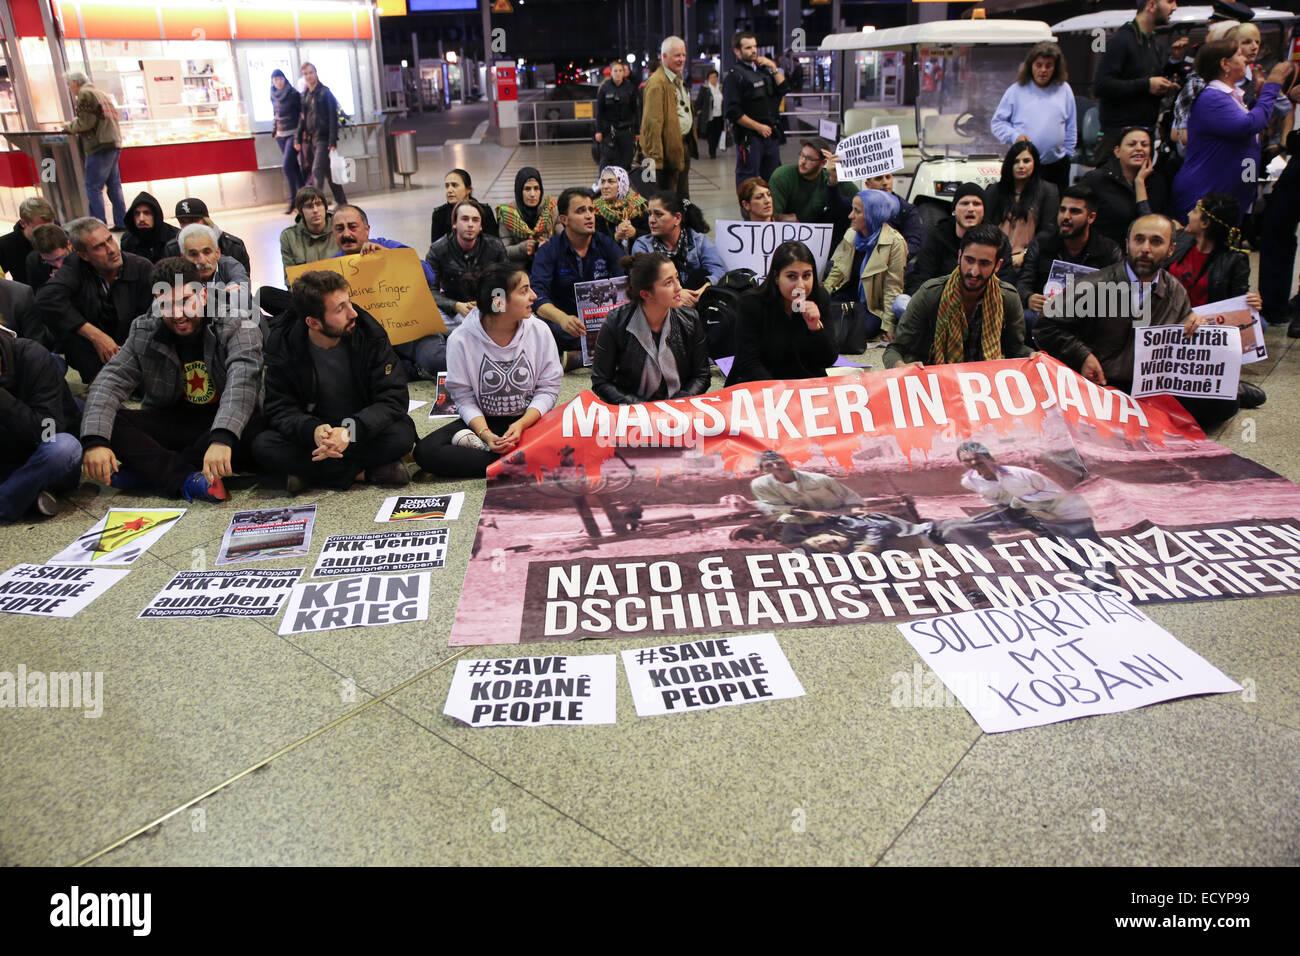 Enregistrer kobane personnes s'asseyent protester contre la gare de Munich Photo Stock